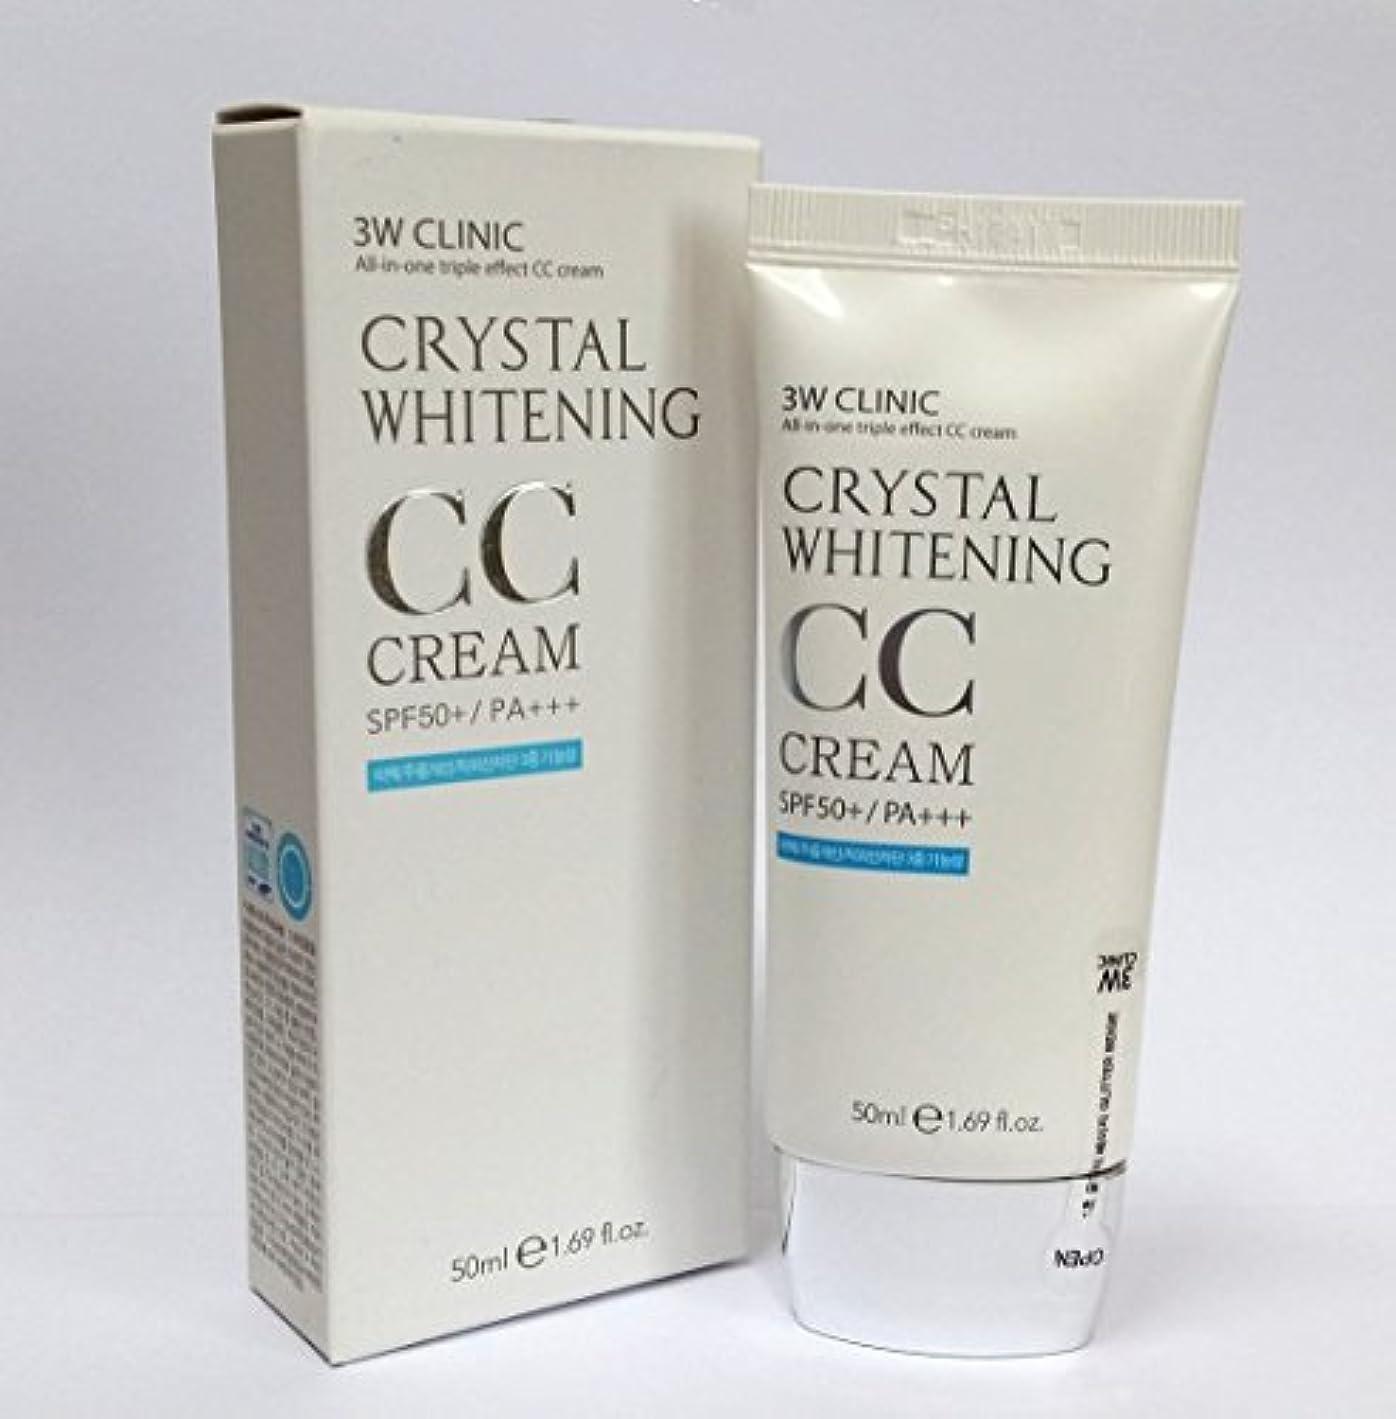 ペッカディロ市の中心部ジェームズダイソン[3W CLINIC] クリスタルホワイトニングCCクリーム50ml SPF50 PA +++ / #02 Natural Beige / Crystal Whitening CC Cream 50ml SPF50 PA...